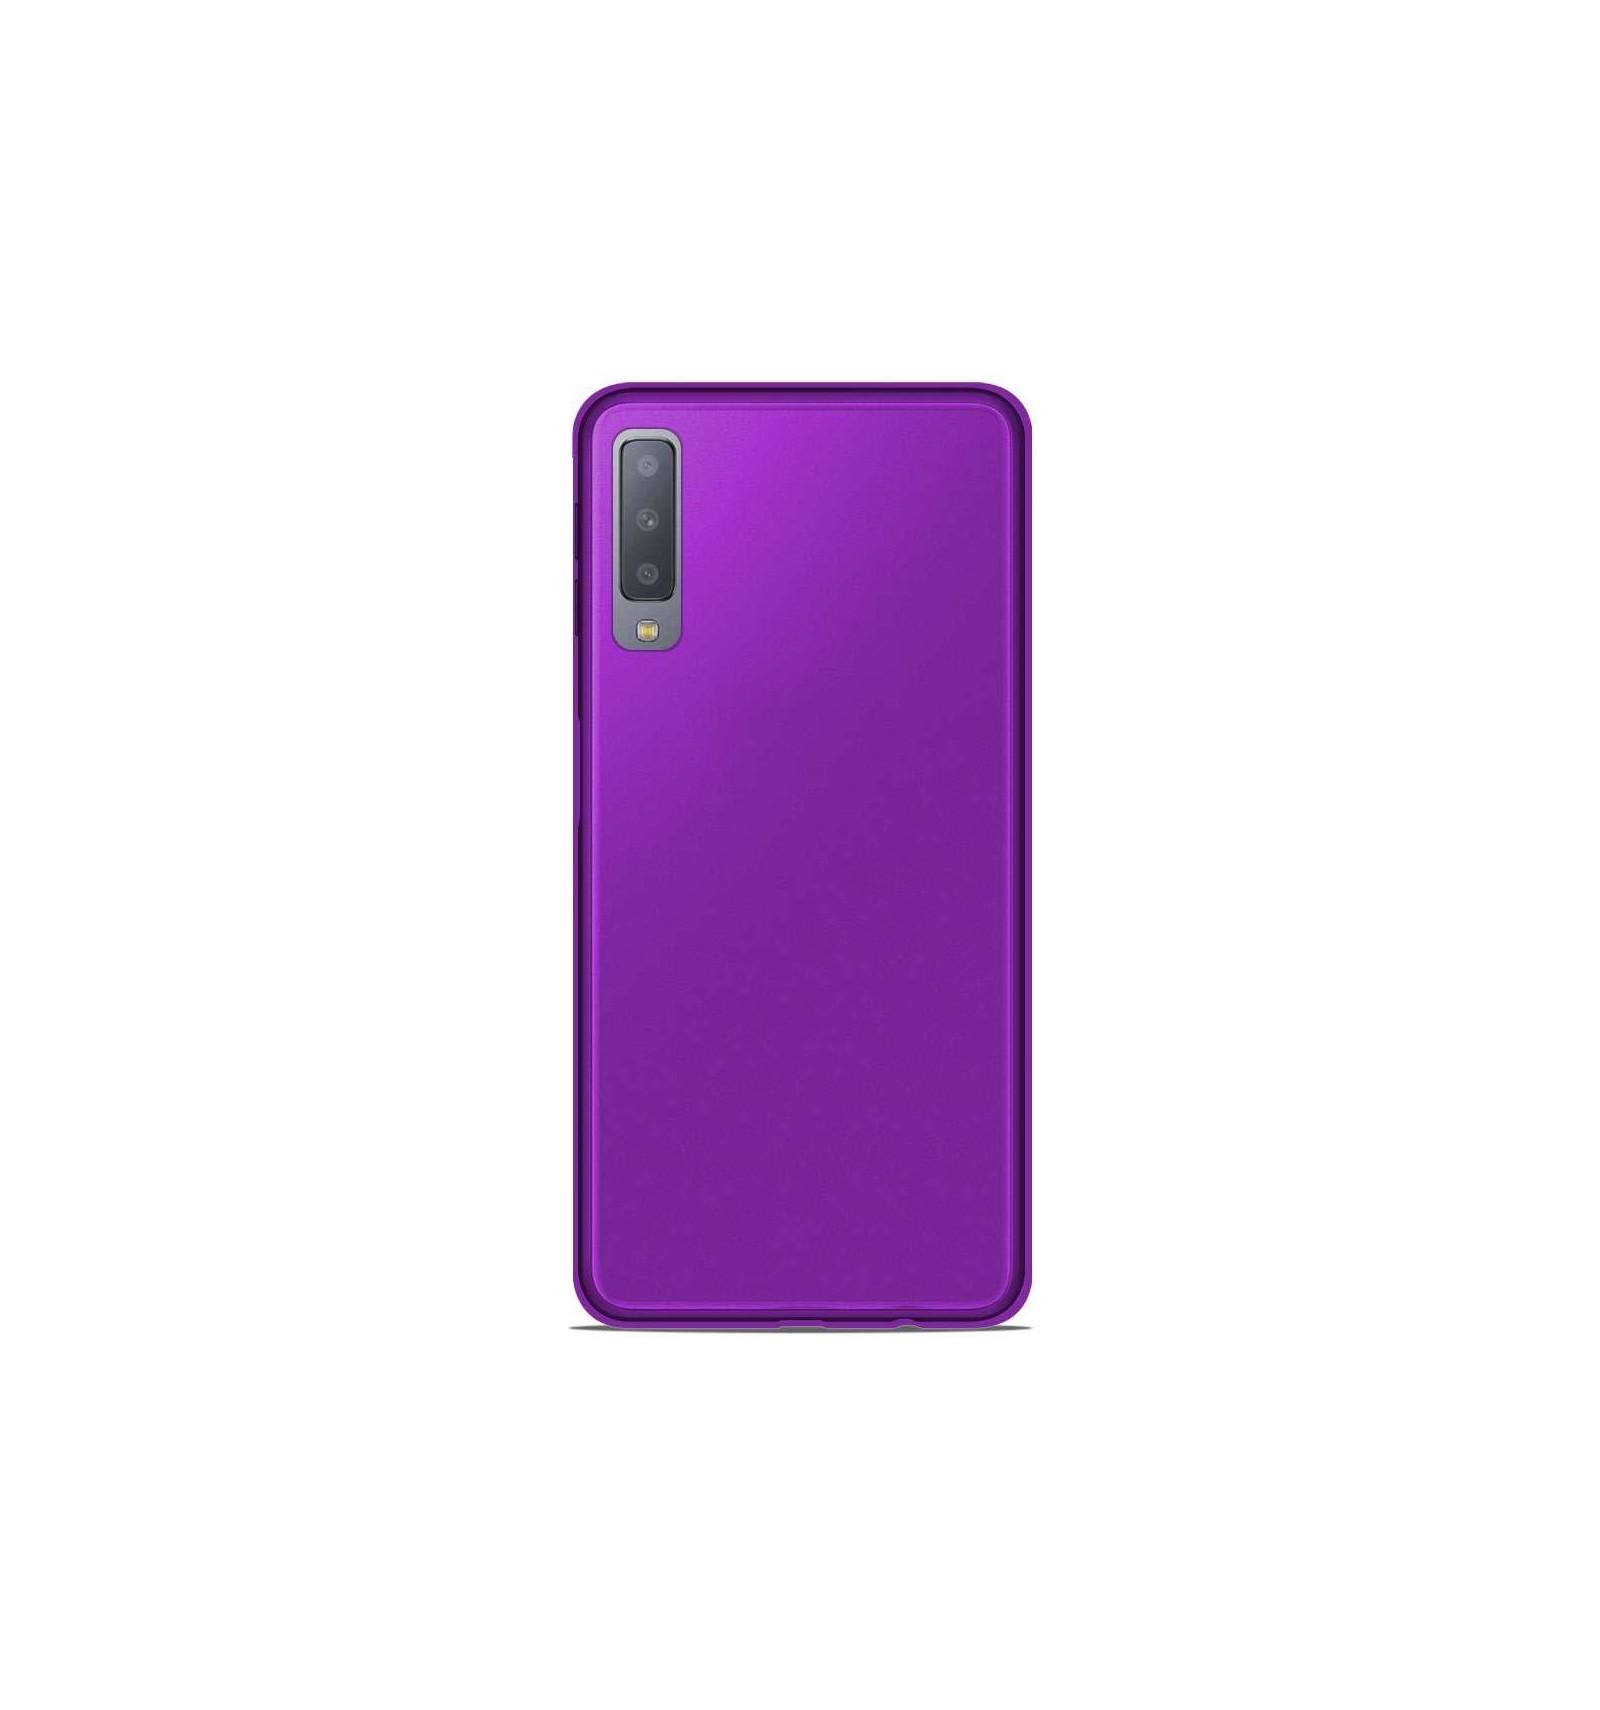 Coque Samsung Galaxy A7 2018 Silicone Gel givré - Violet Translucide